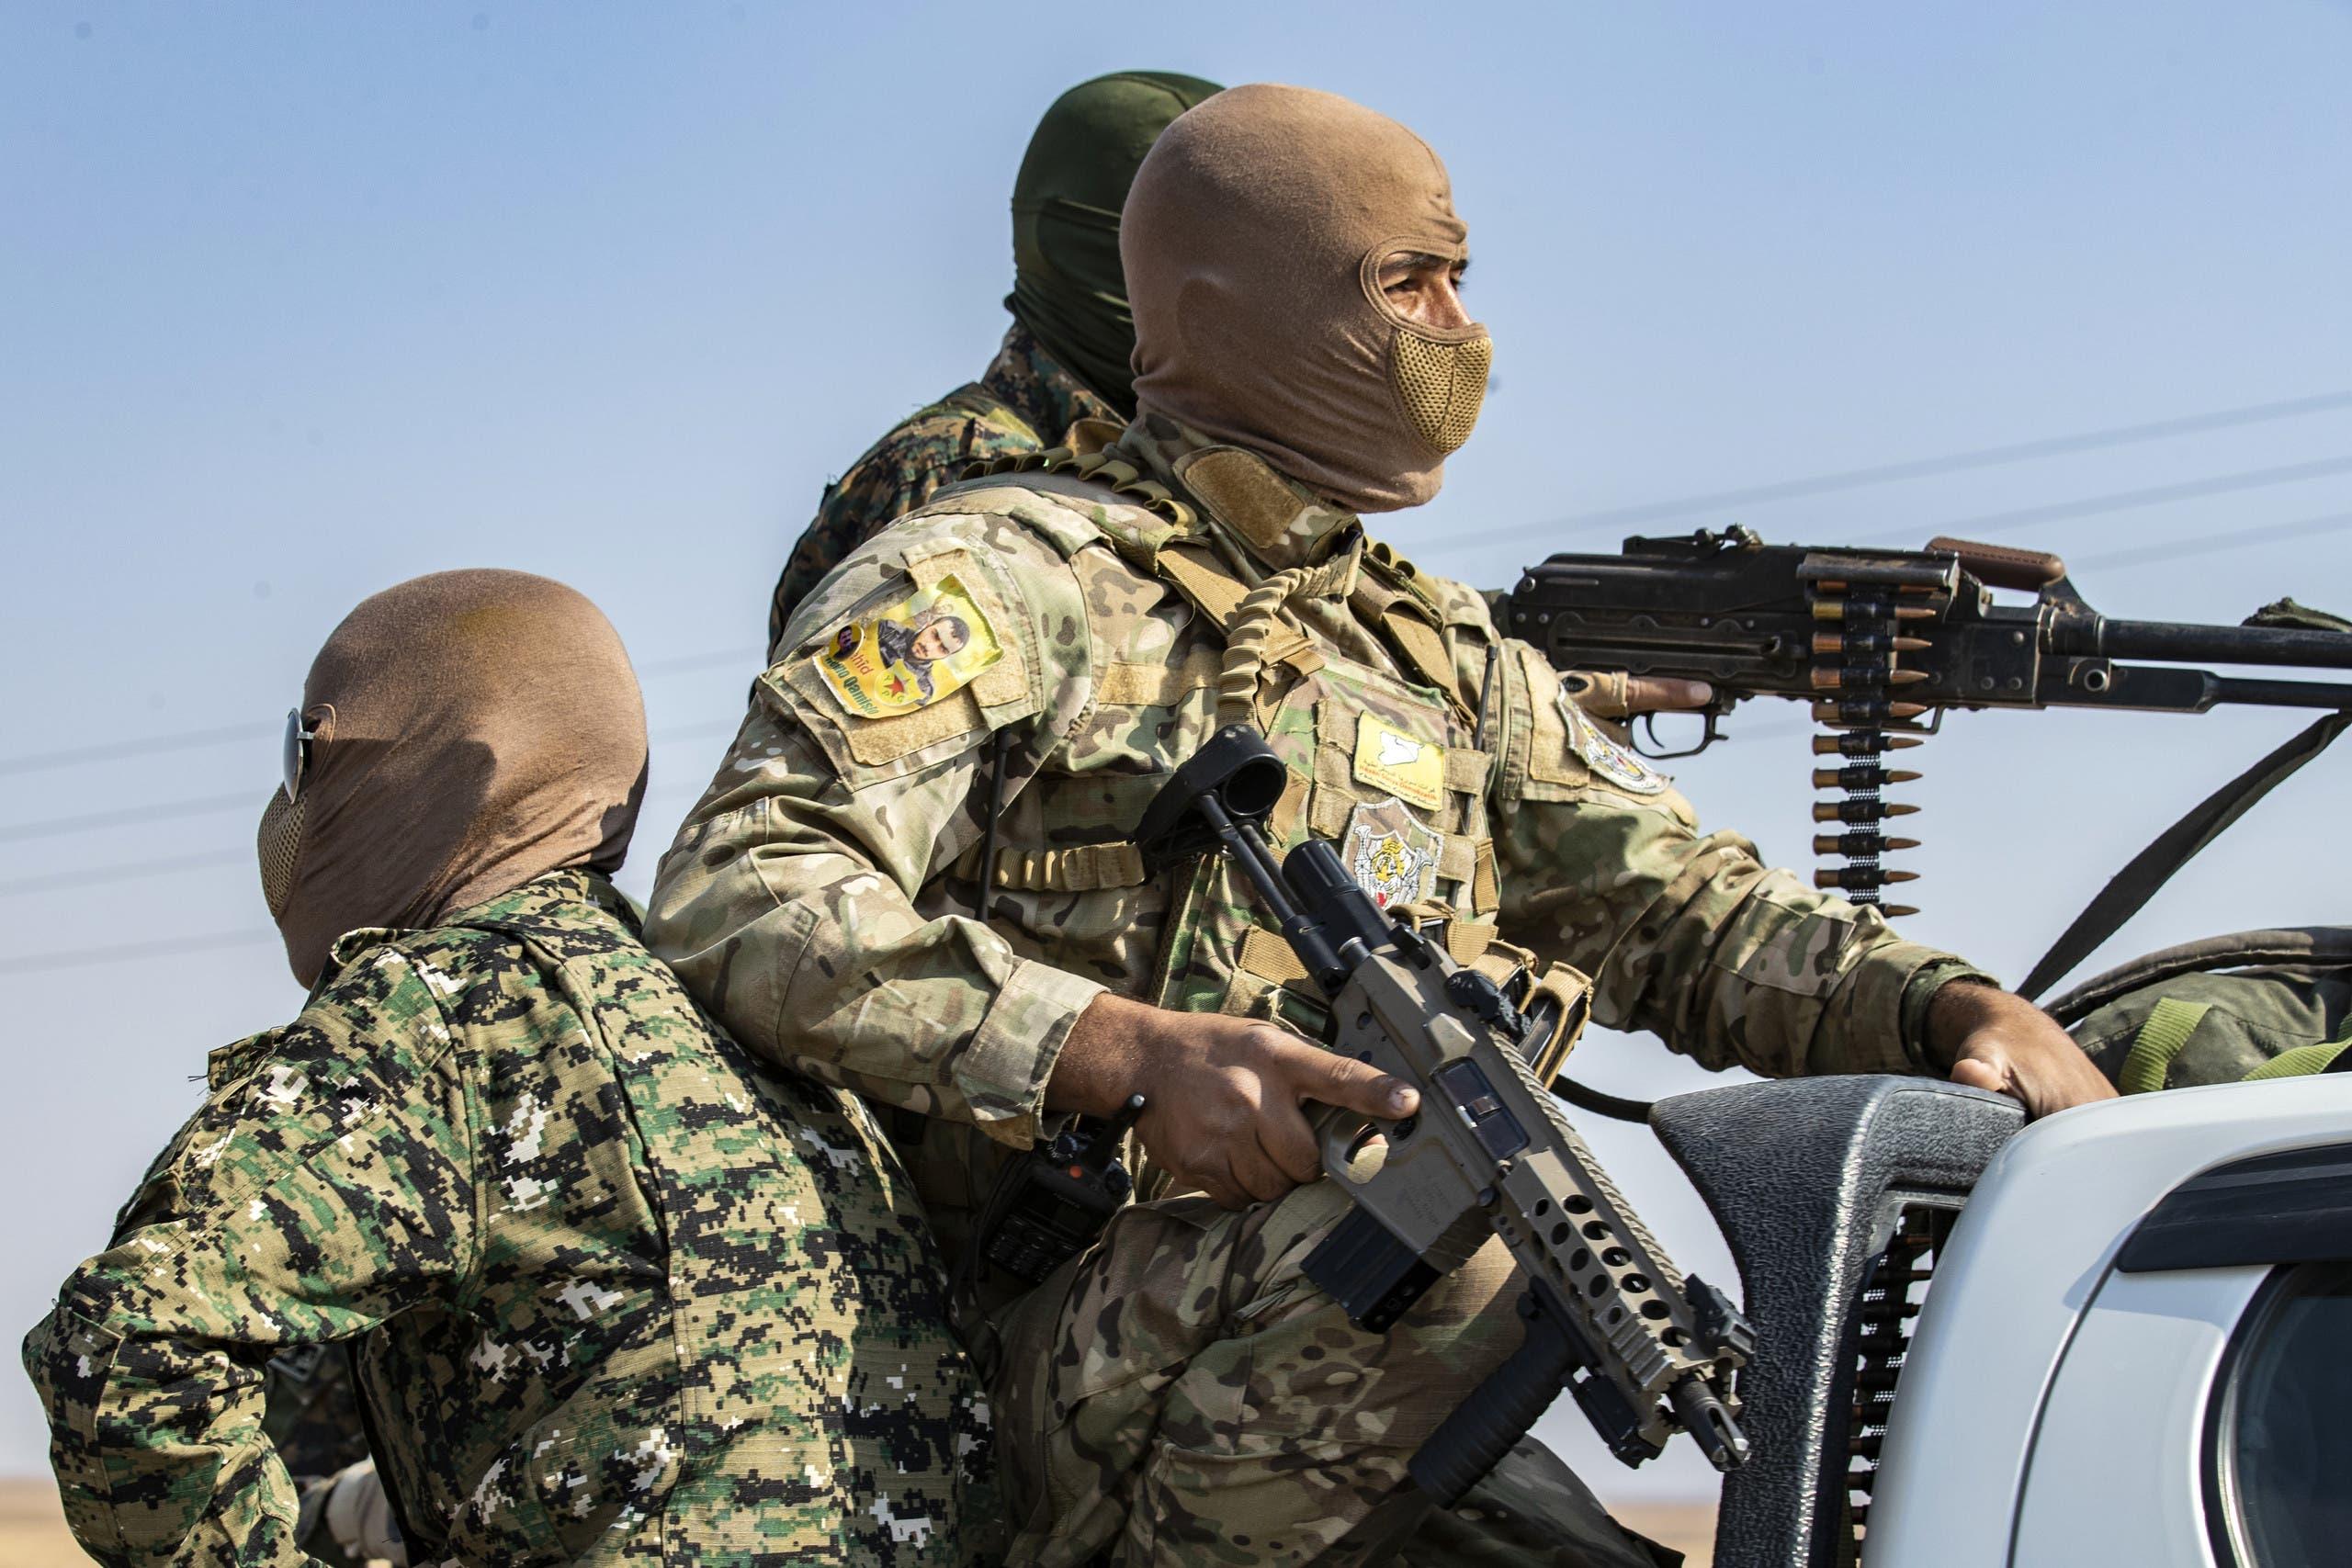 Suriye İnsan Hakları Gözlemevi'nin aktardığına göre, Pazar akşamı Halep'in kuzey kırsalının eksenlerinde, bir tarafta Kürt güçleri ve diğer tarafta Türkiye'ye sadık gruplar arasında aralıklı çatışmalar yaşandı. Kürt güçlerinin unsurları, Marea kenti yakınlarındaki Kafr Kalbin eksenine sızarak oradaki Türk yanlısı fraksiyonların unsurlarıyla çatışmaya girdi. Bu, Ayn Digna köyünde Türk kuvvetlerinin ağır toplarla bombalanması ile aynı zamana denk gelirken, Kürt güçleri Halep'in kuzey kırsalındaki Kafr Kaşıkçı'daki Ankara yanlısı grupların bölgelerini bombaladı. Şu ana kadar can kayıpları hakkında bilgi alınmadı.